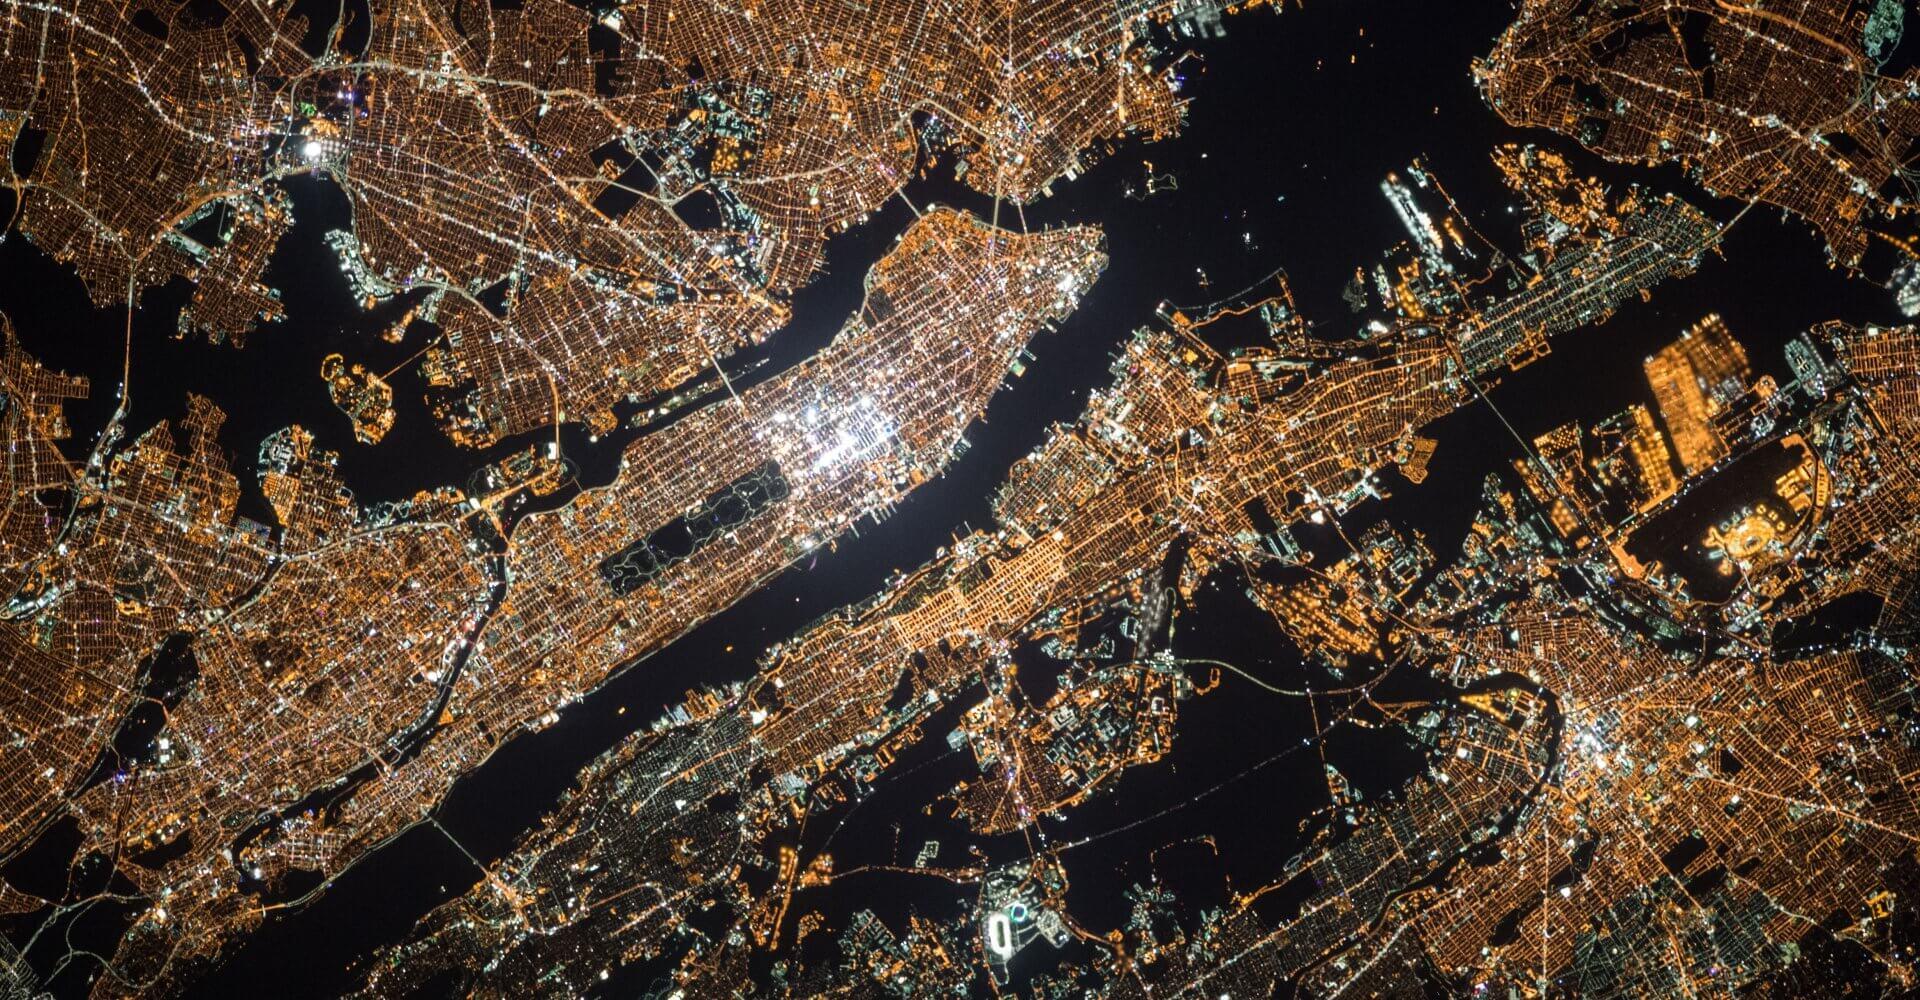 Hauptfaktoren für die Entwicklung von Smart Cities